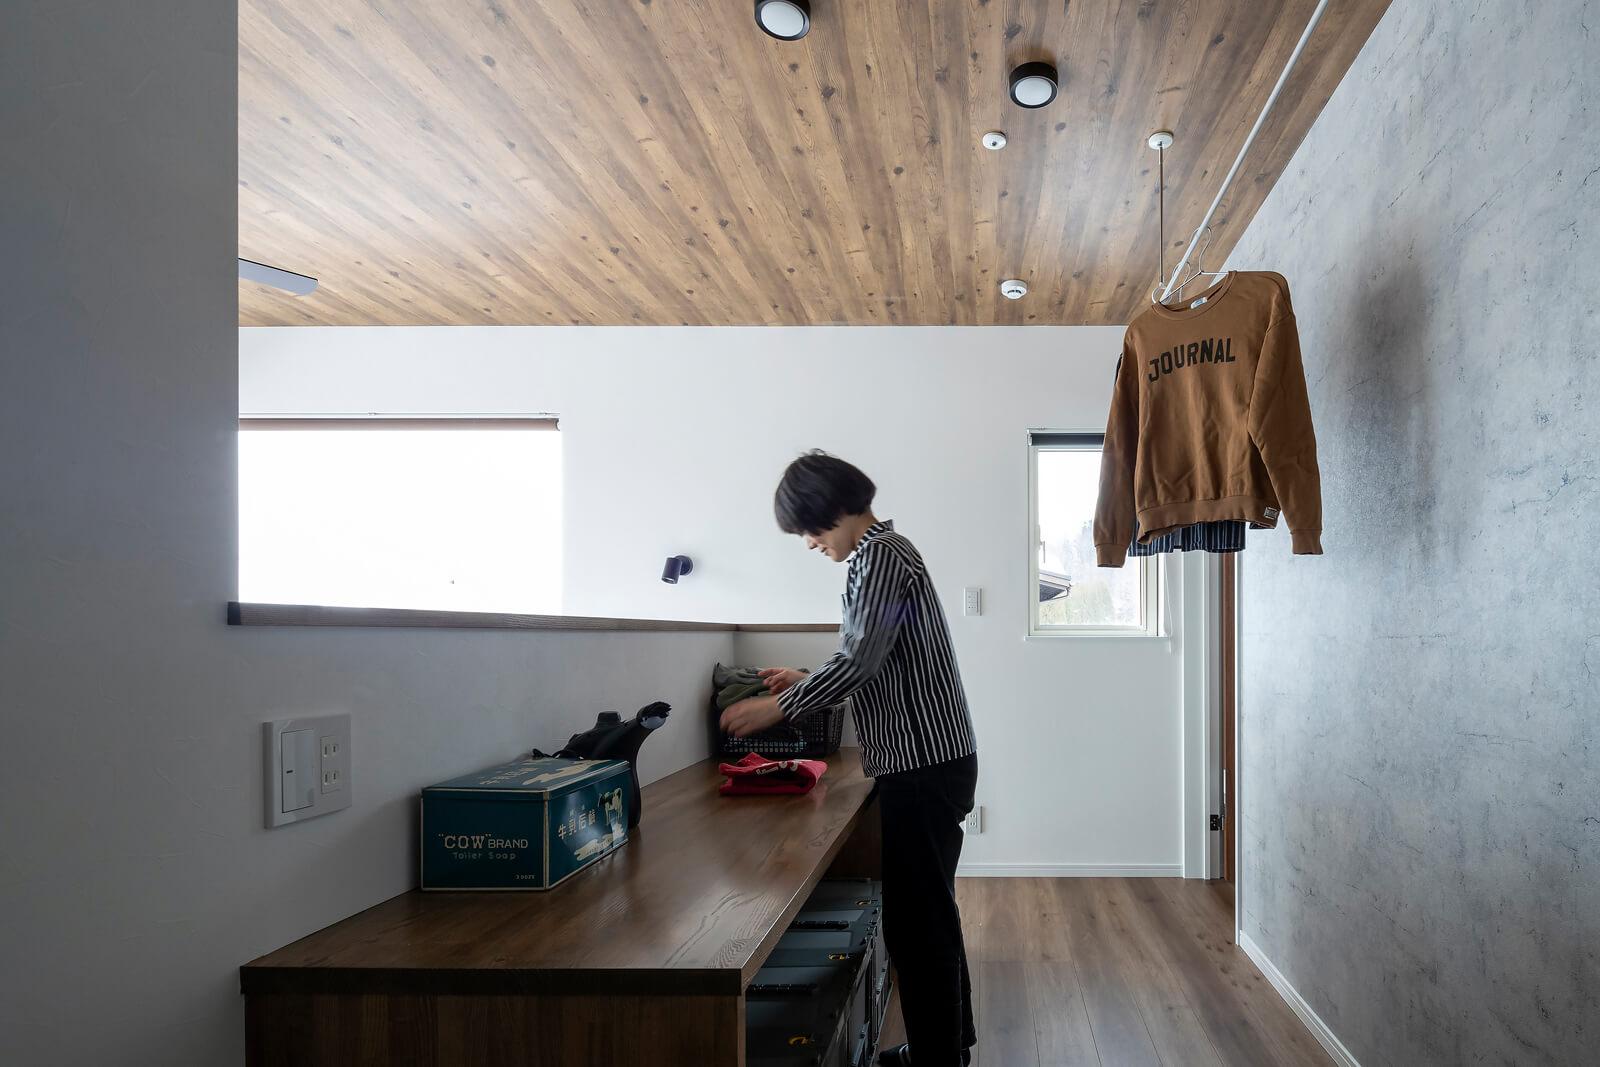 2階の廊下に造作したカウンターは、家事スペースとして大活躍。ホールは物干し場としても使える。「洗濯物もすぐ乾くし、ここで畳めてアイロンがけもできるので楽ですよ」と奥さん